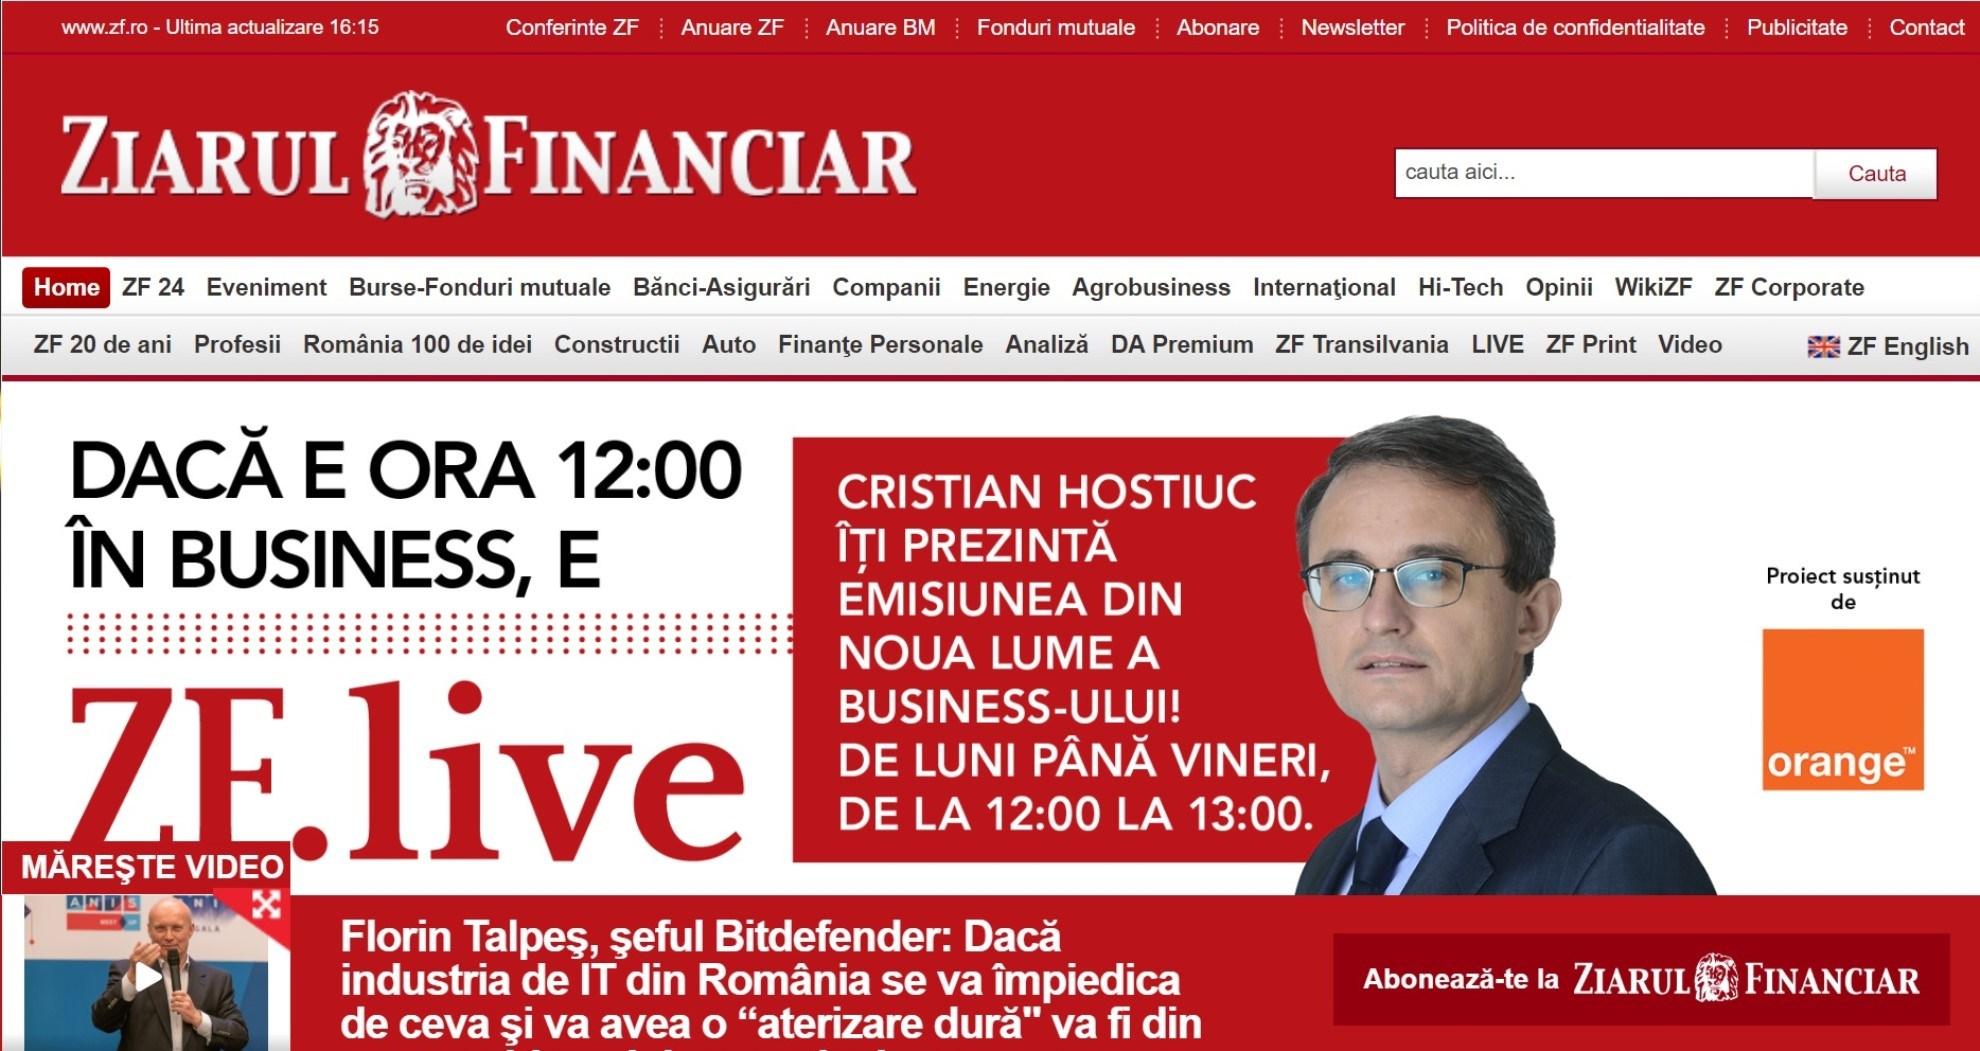 Ziarul Financiar - stiri economice de ultima ora, ultimele stiri